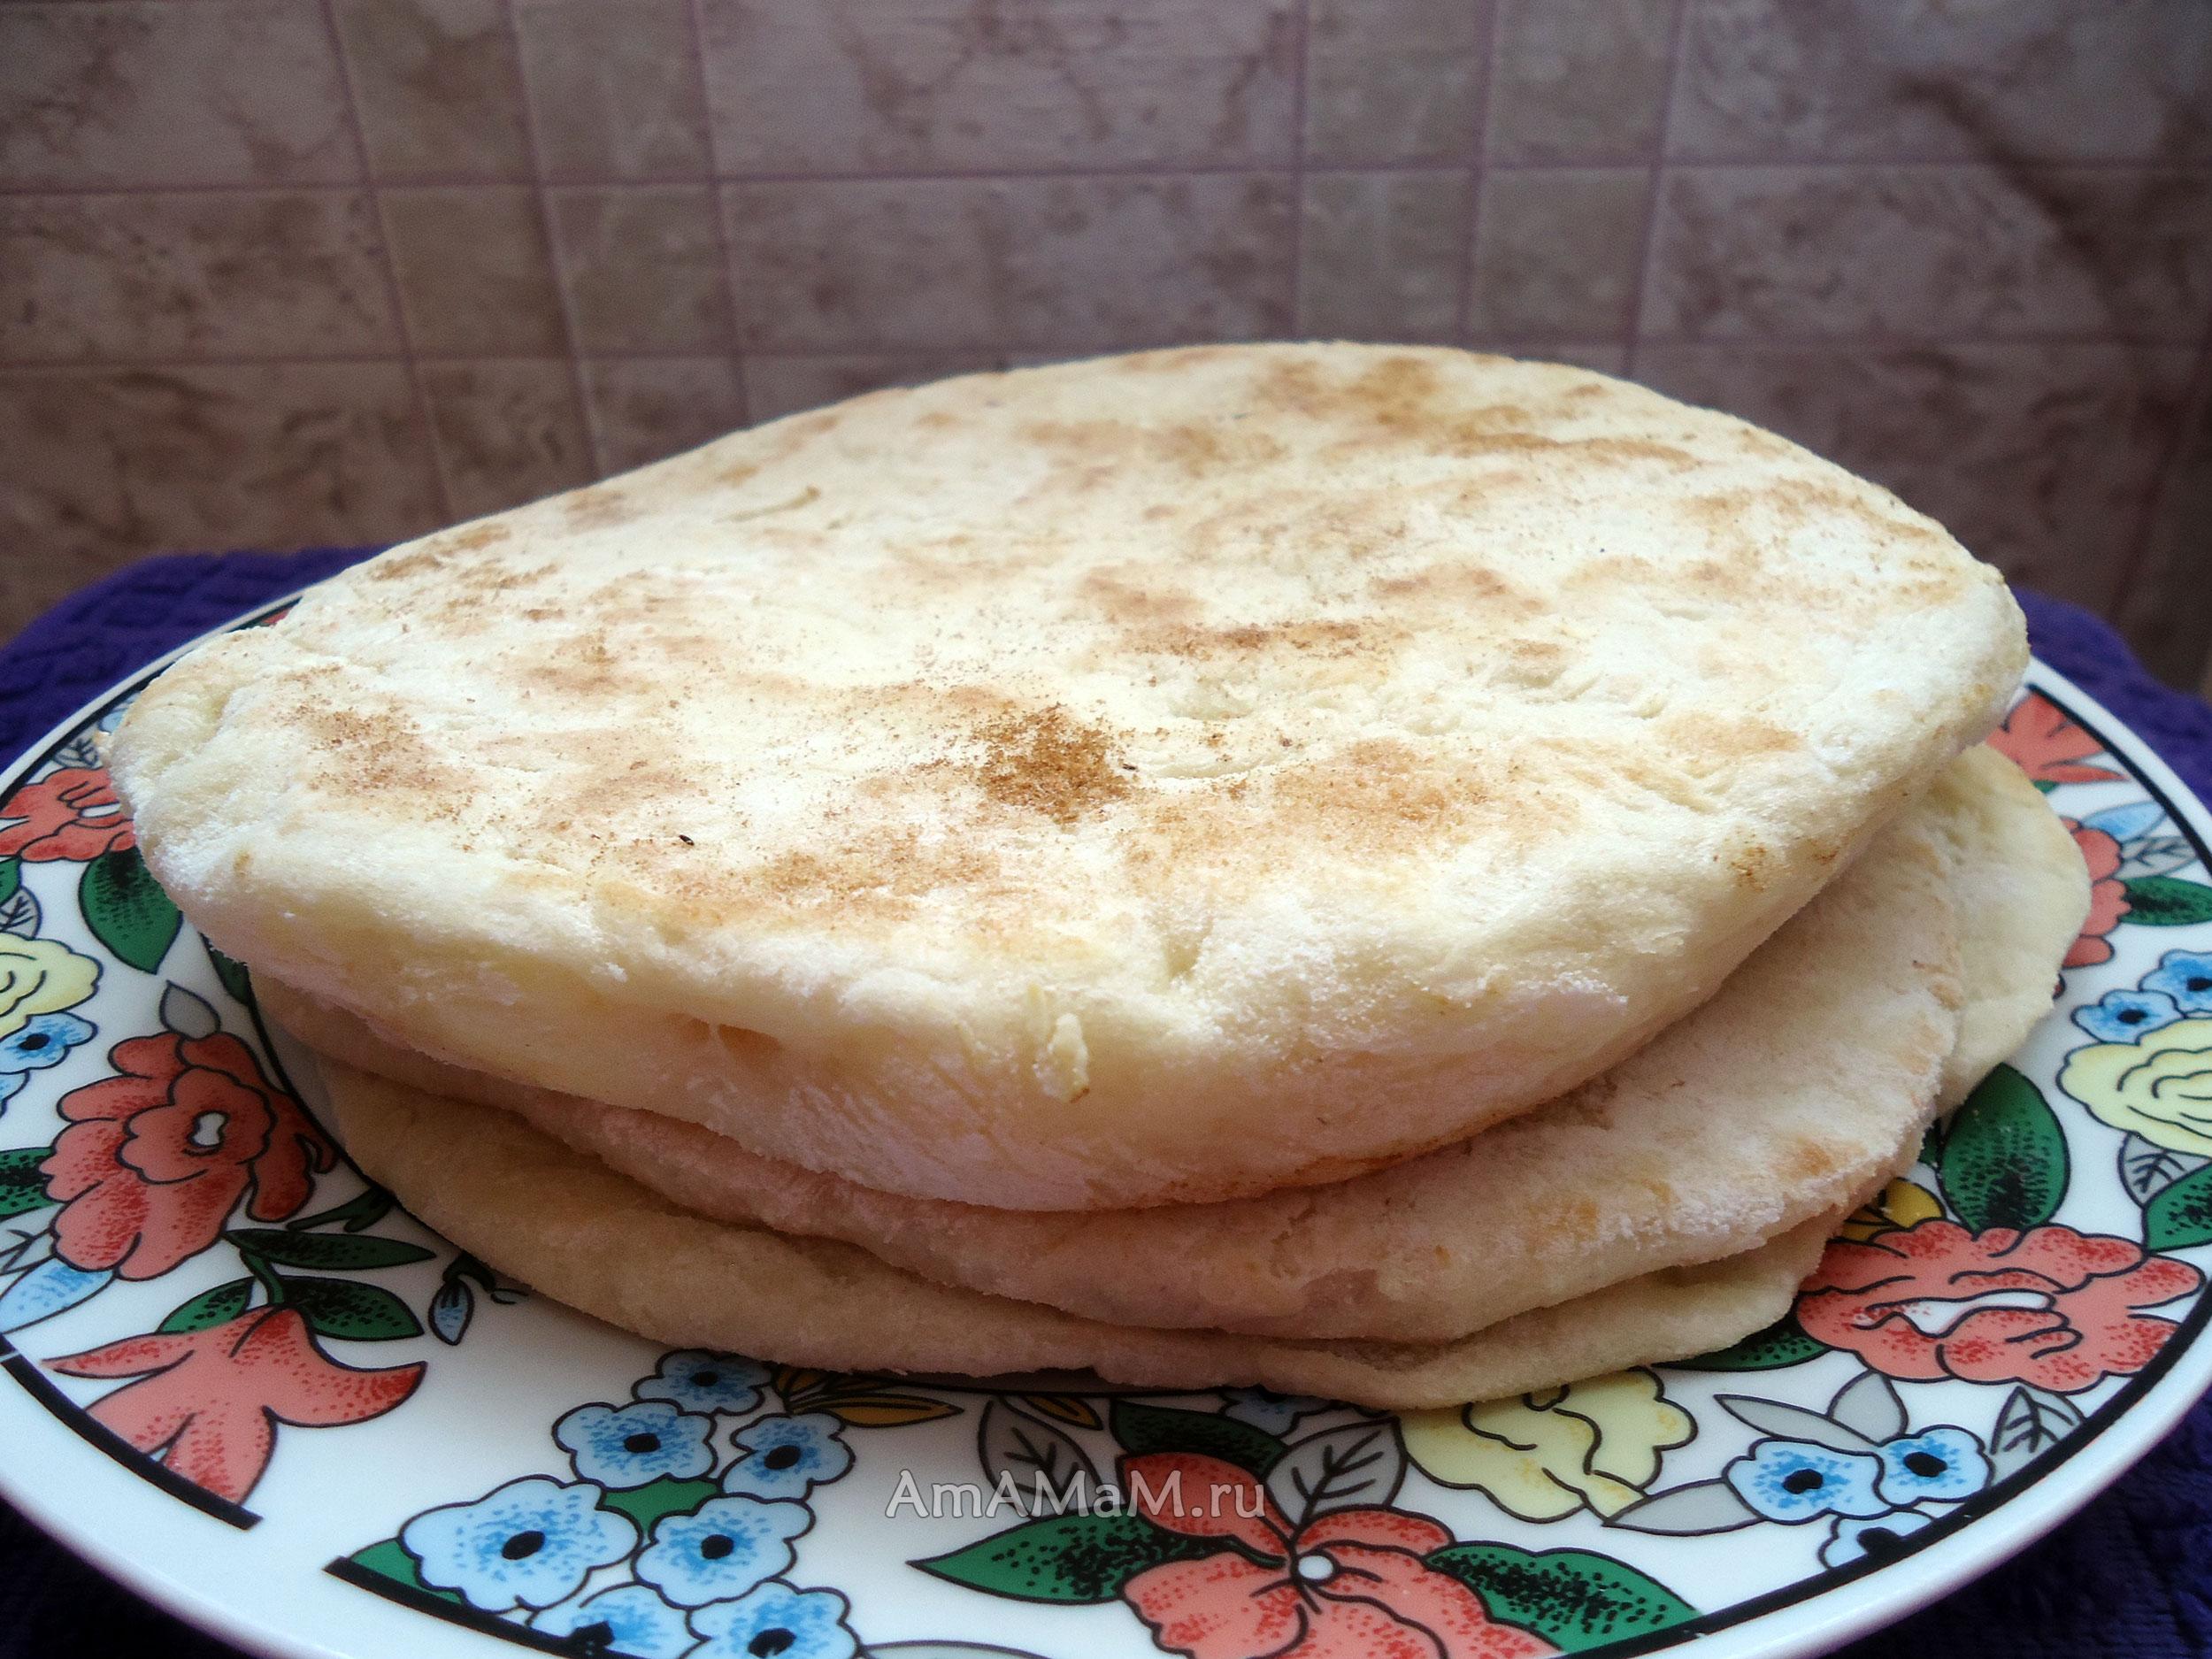 Узбекские лепешки без дрожжей на воде на сковороде